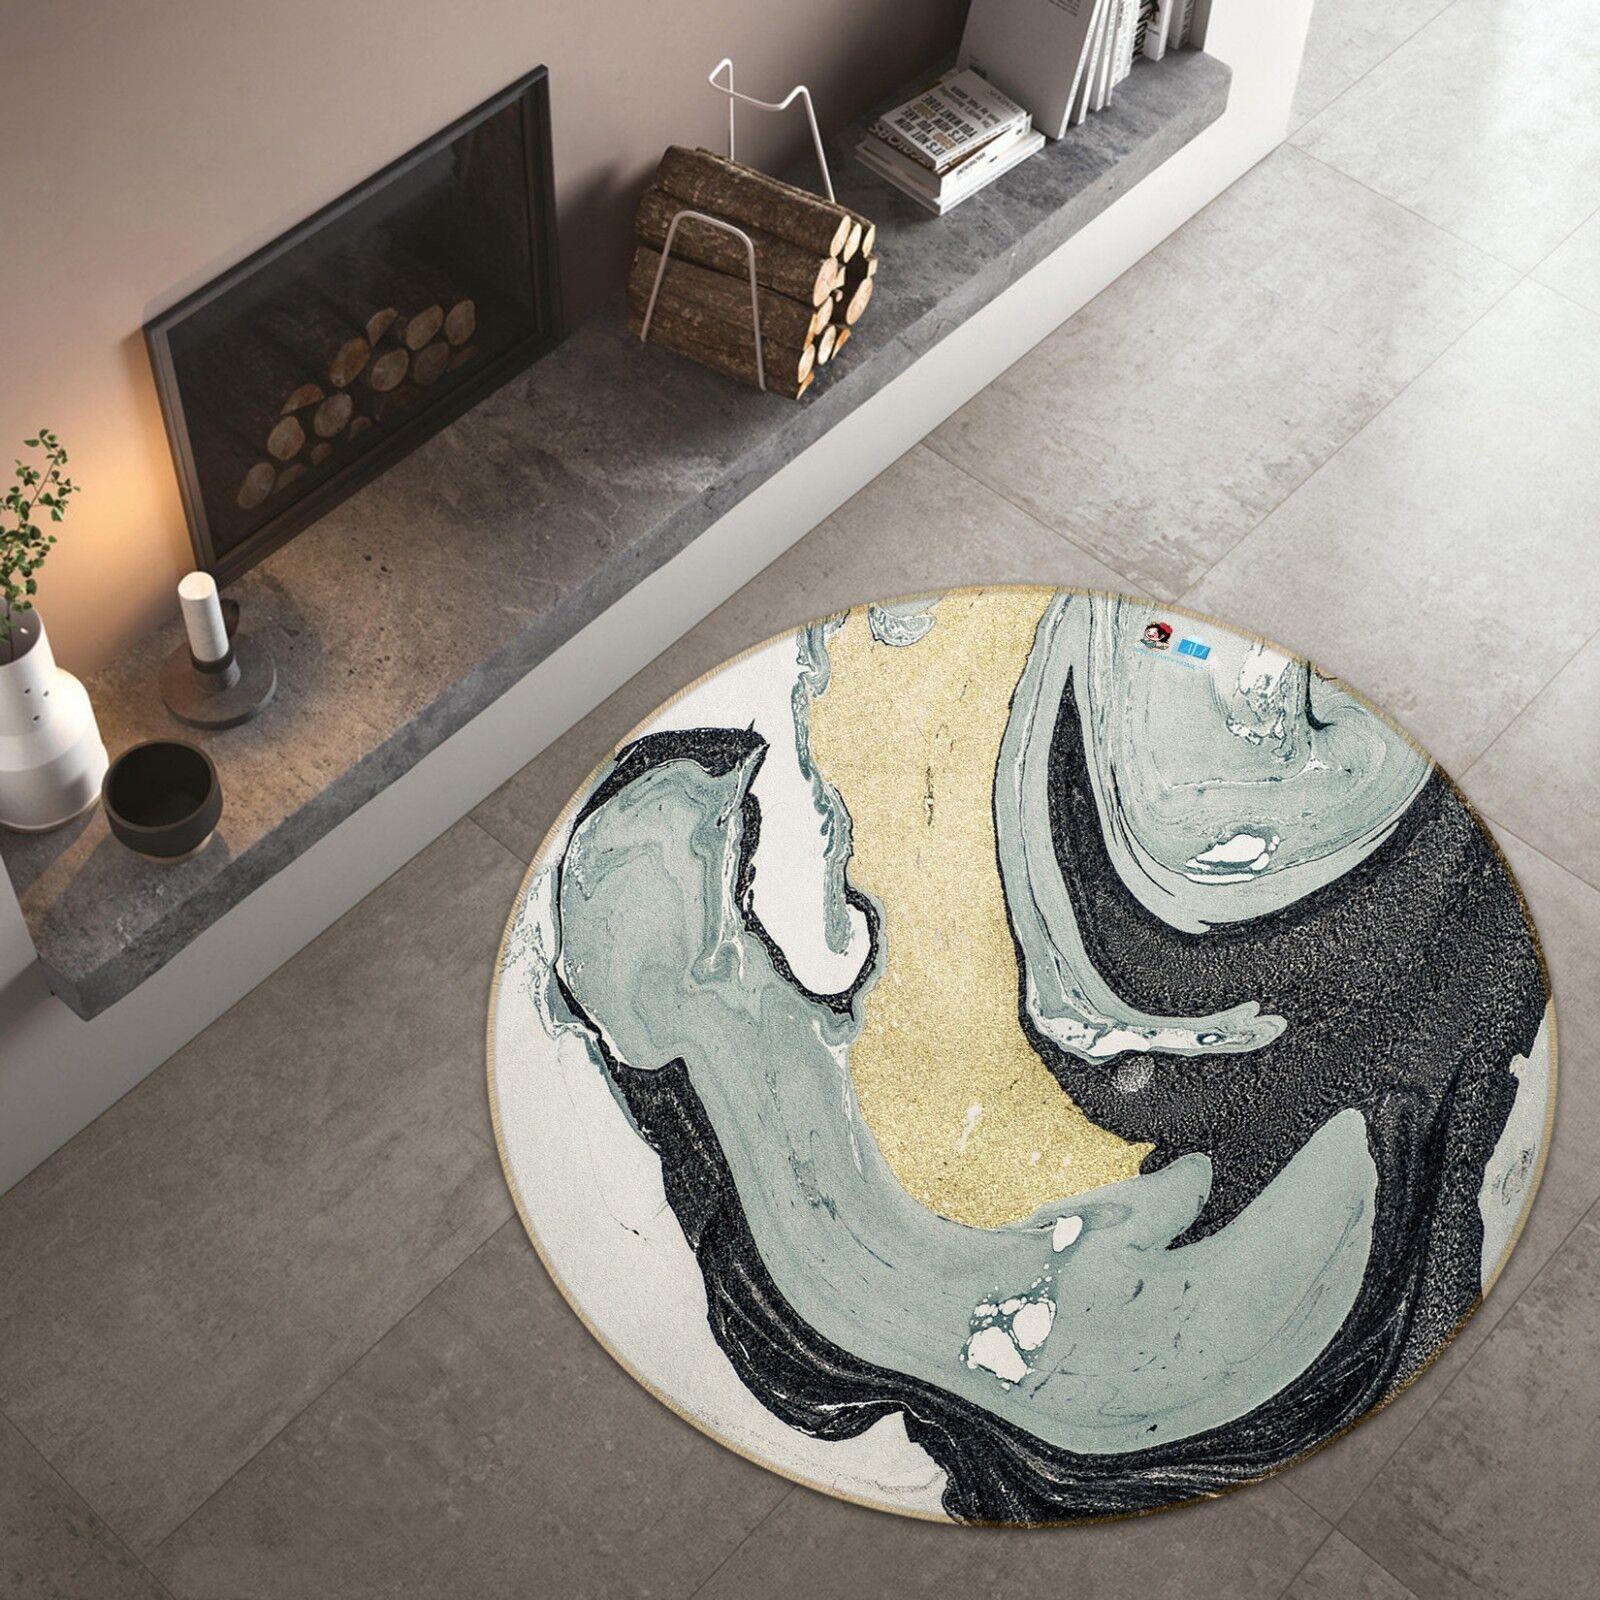 3D Abstraktes Muster 15 15 15 Rutschfest Teppich Raum Matte Runden Elegant Teppich DE cc1db4